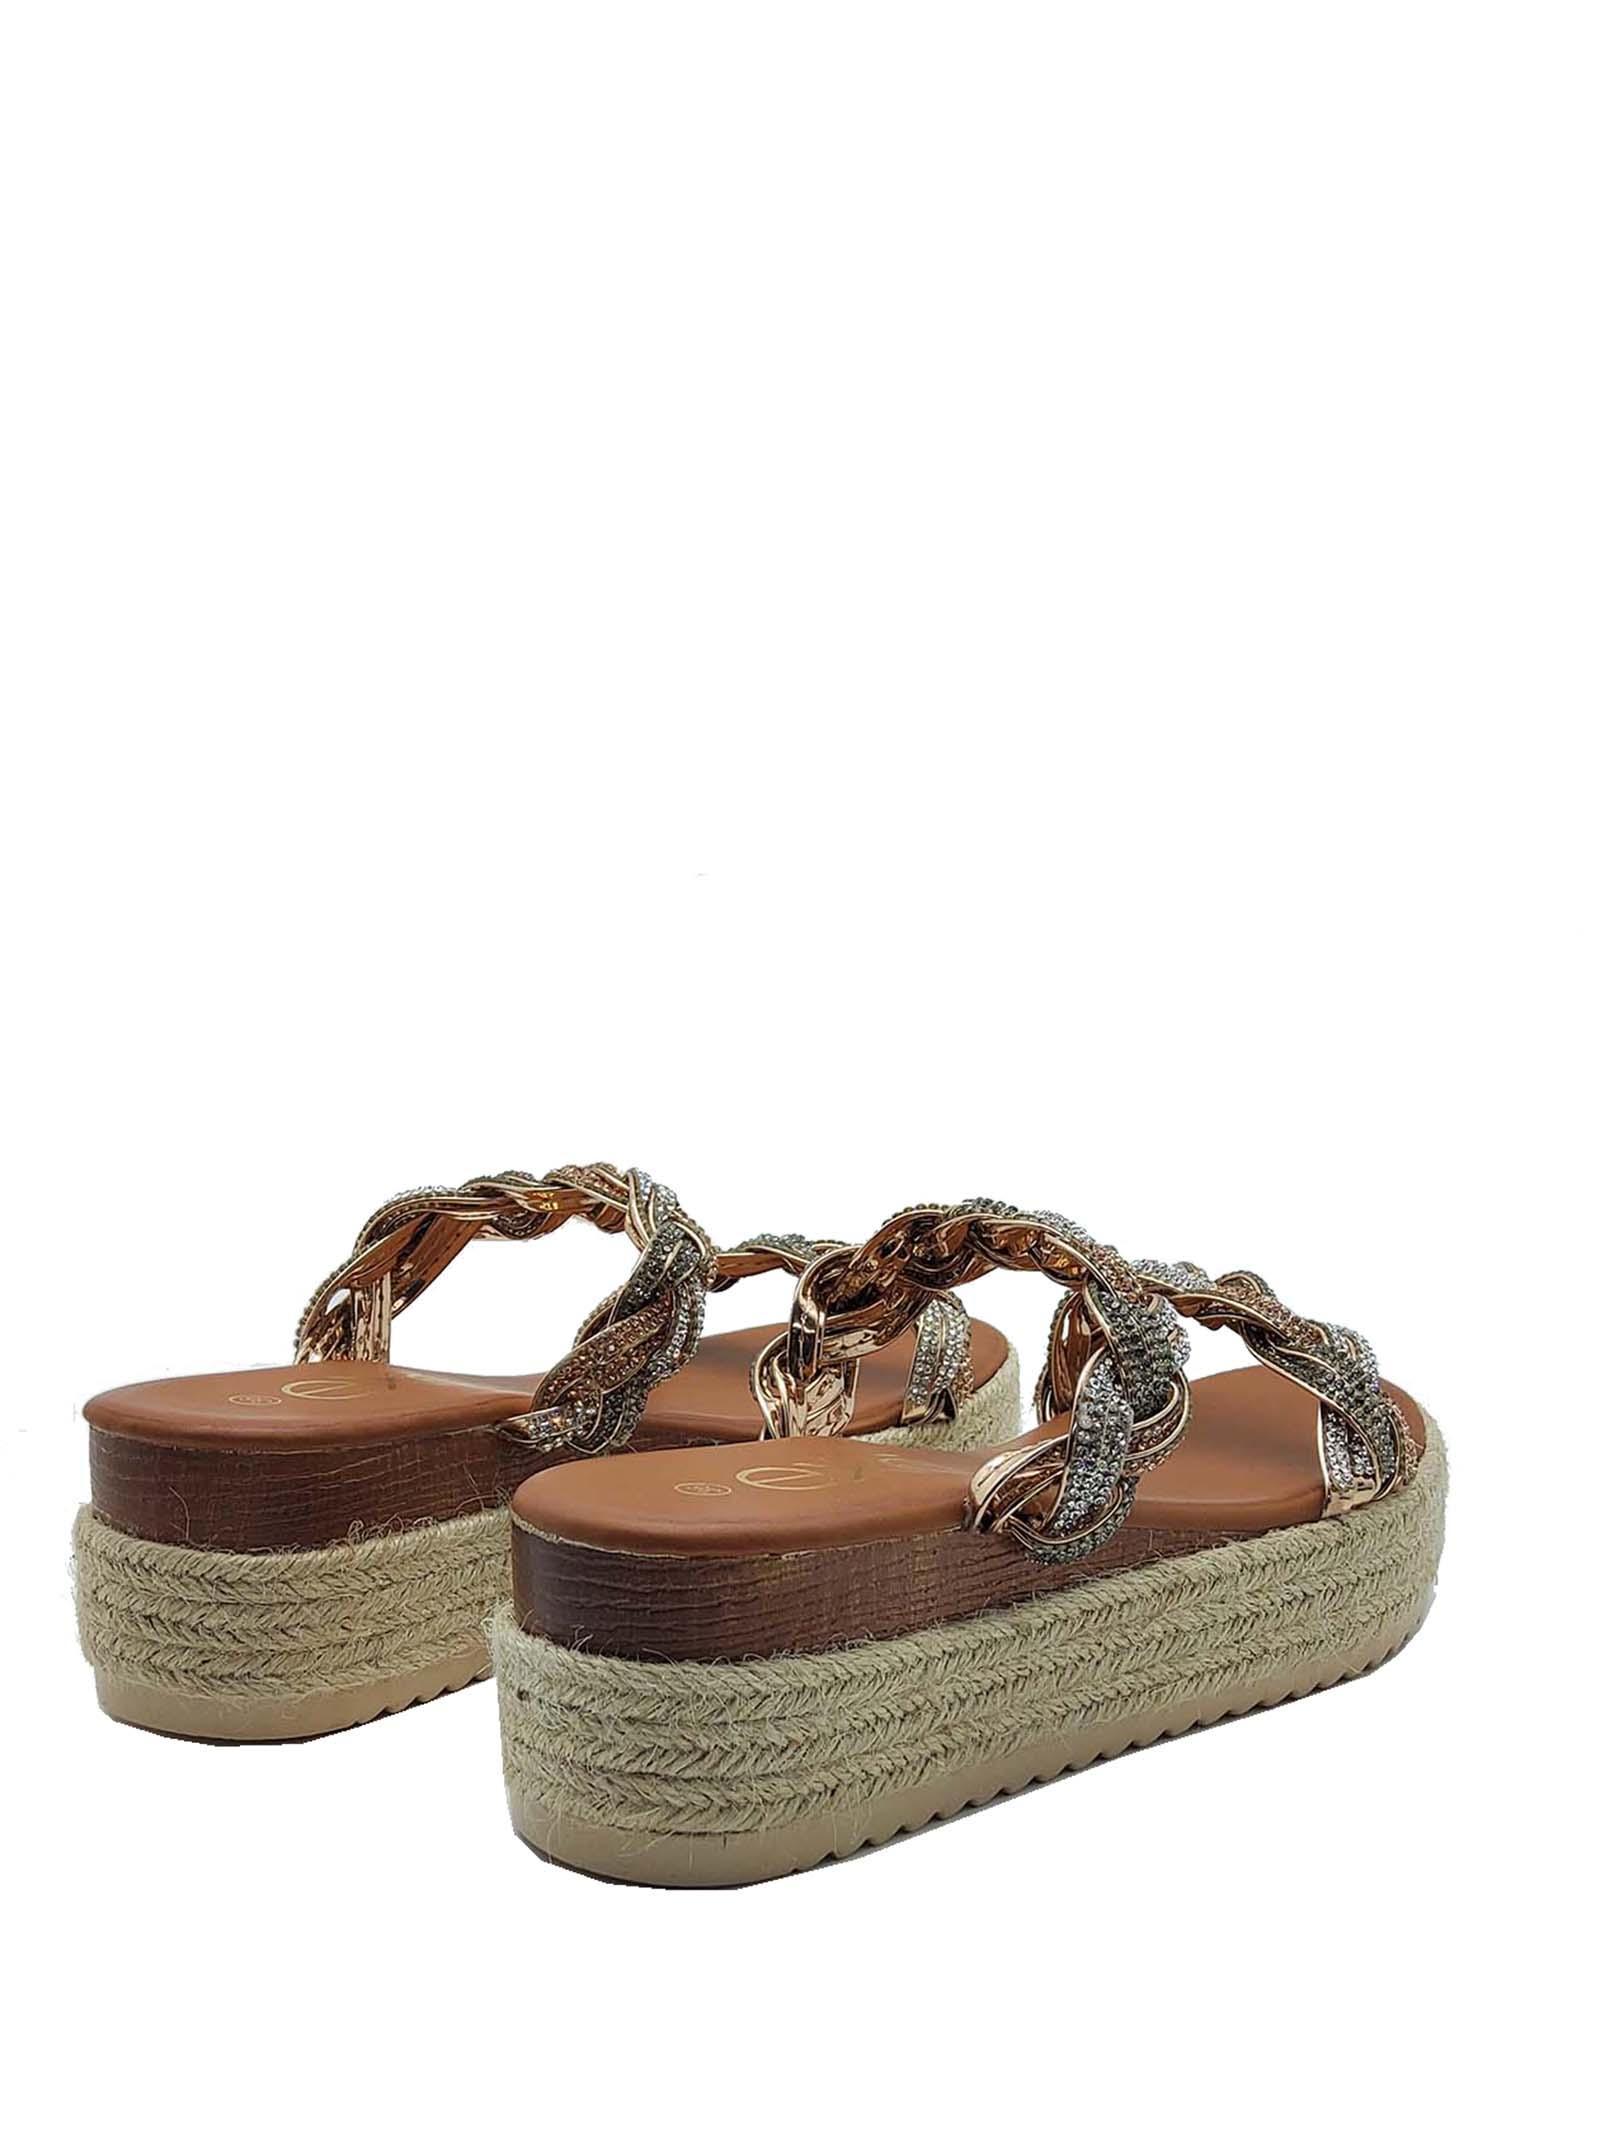 Calzature Donna Sandali Scalzati in Eco Pelle Cuoio con Doppia Treccia di Strass Multicolore e Zeppa in Corda Exe | Sandali Zeppa | 3584604